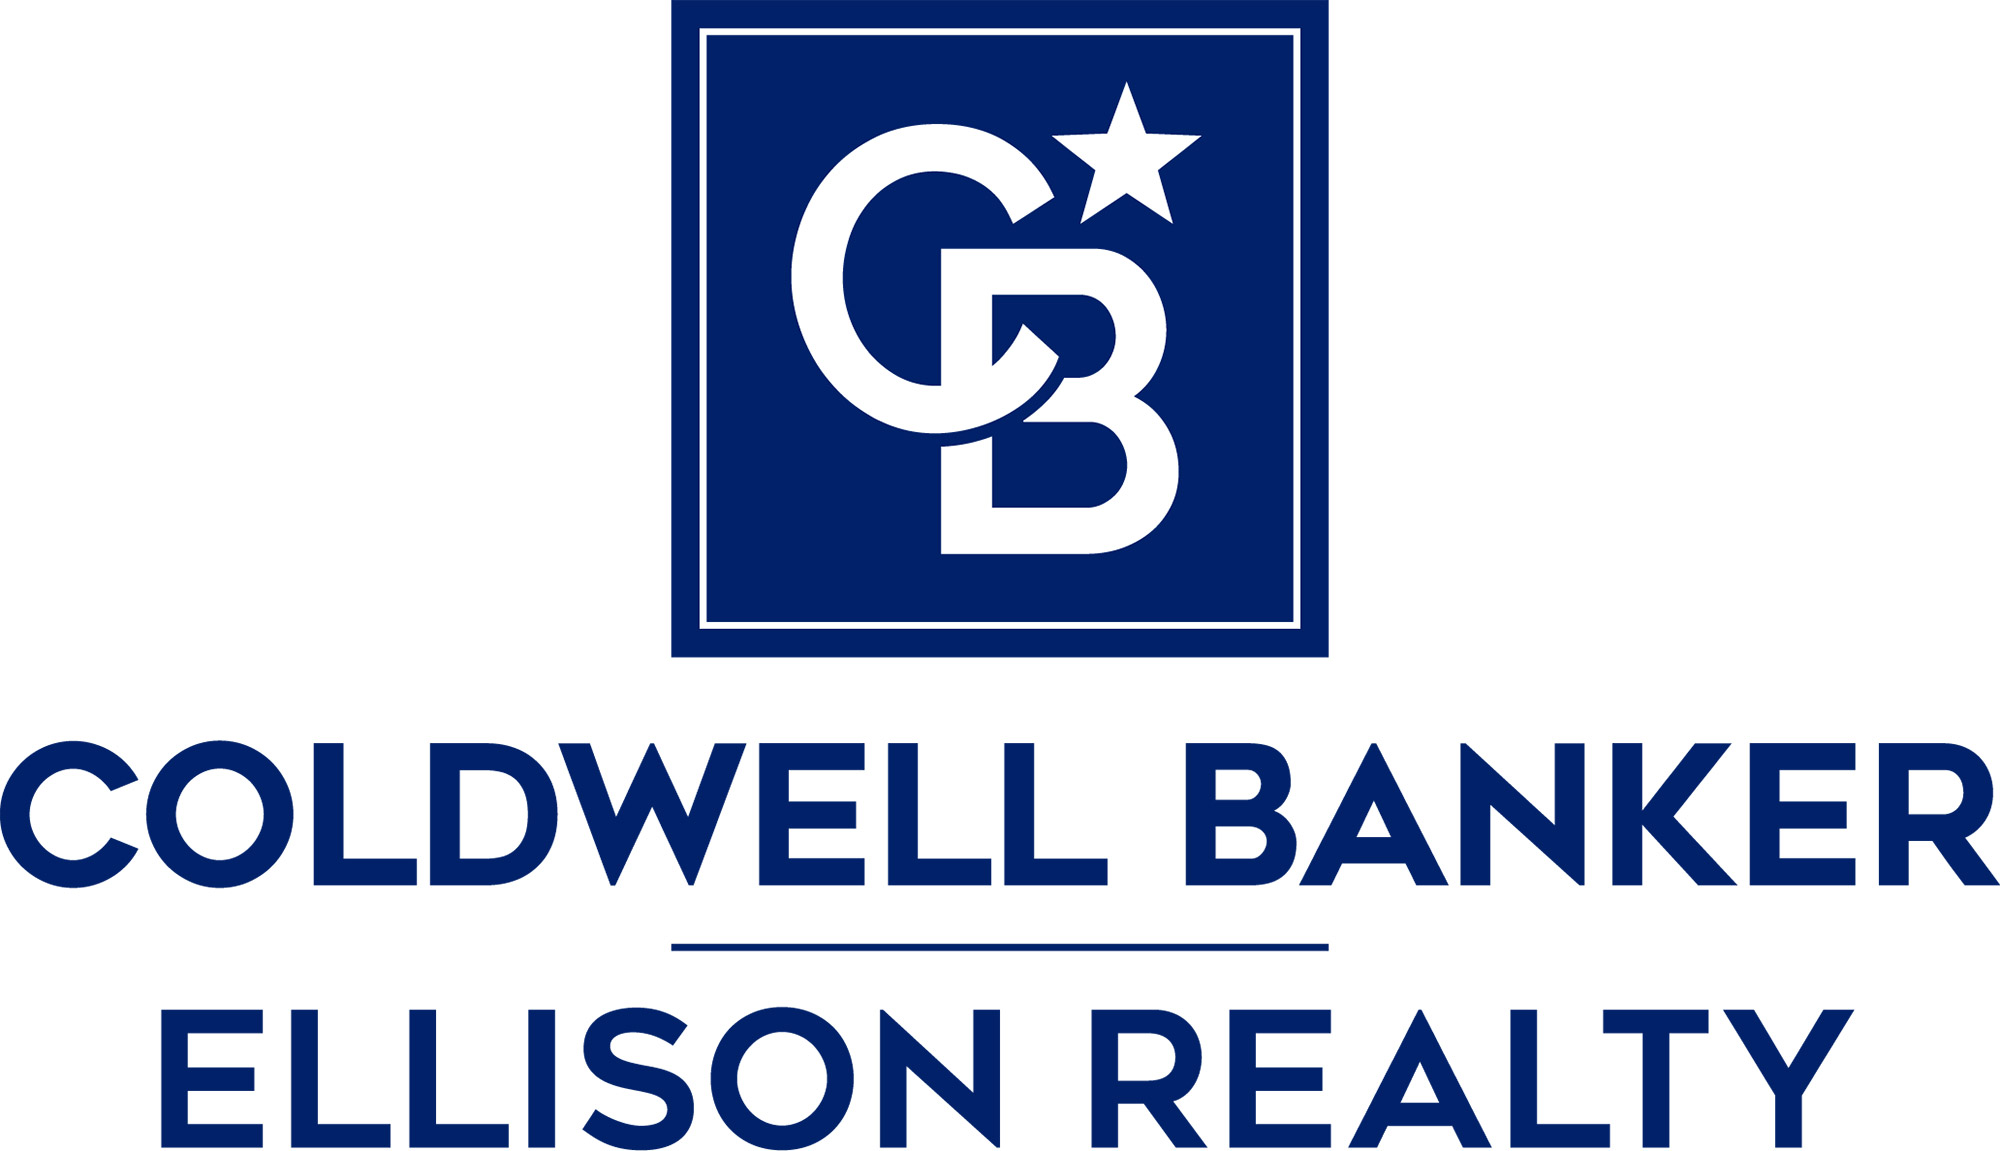 Marsha Rose - Coldwell Banker Ellison Realty Logo